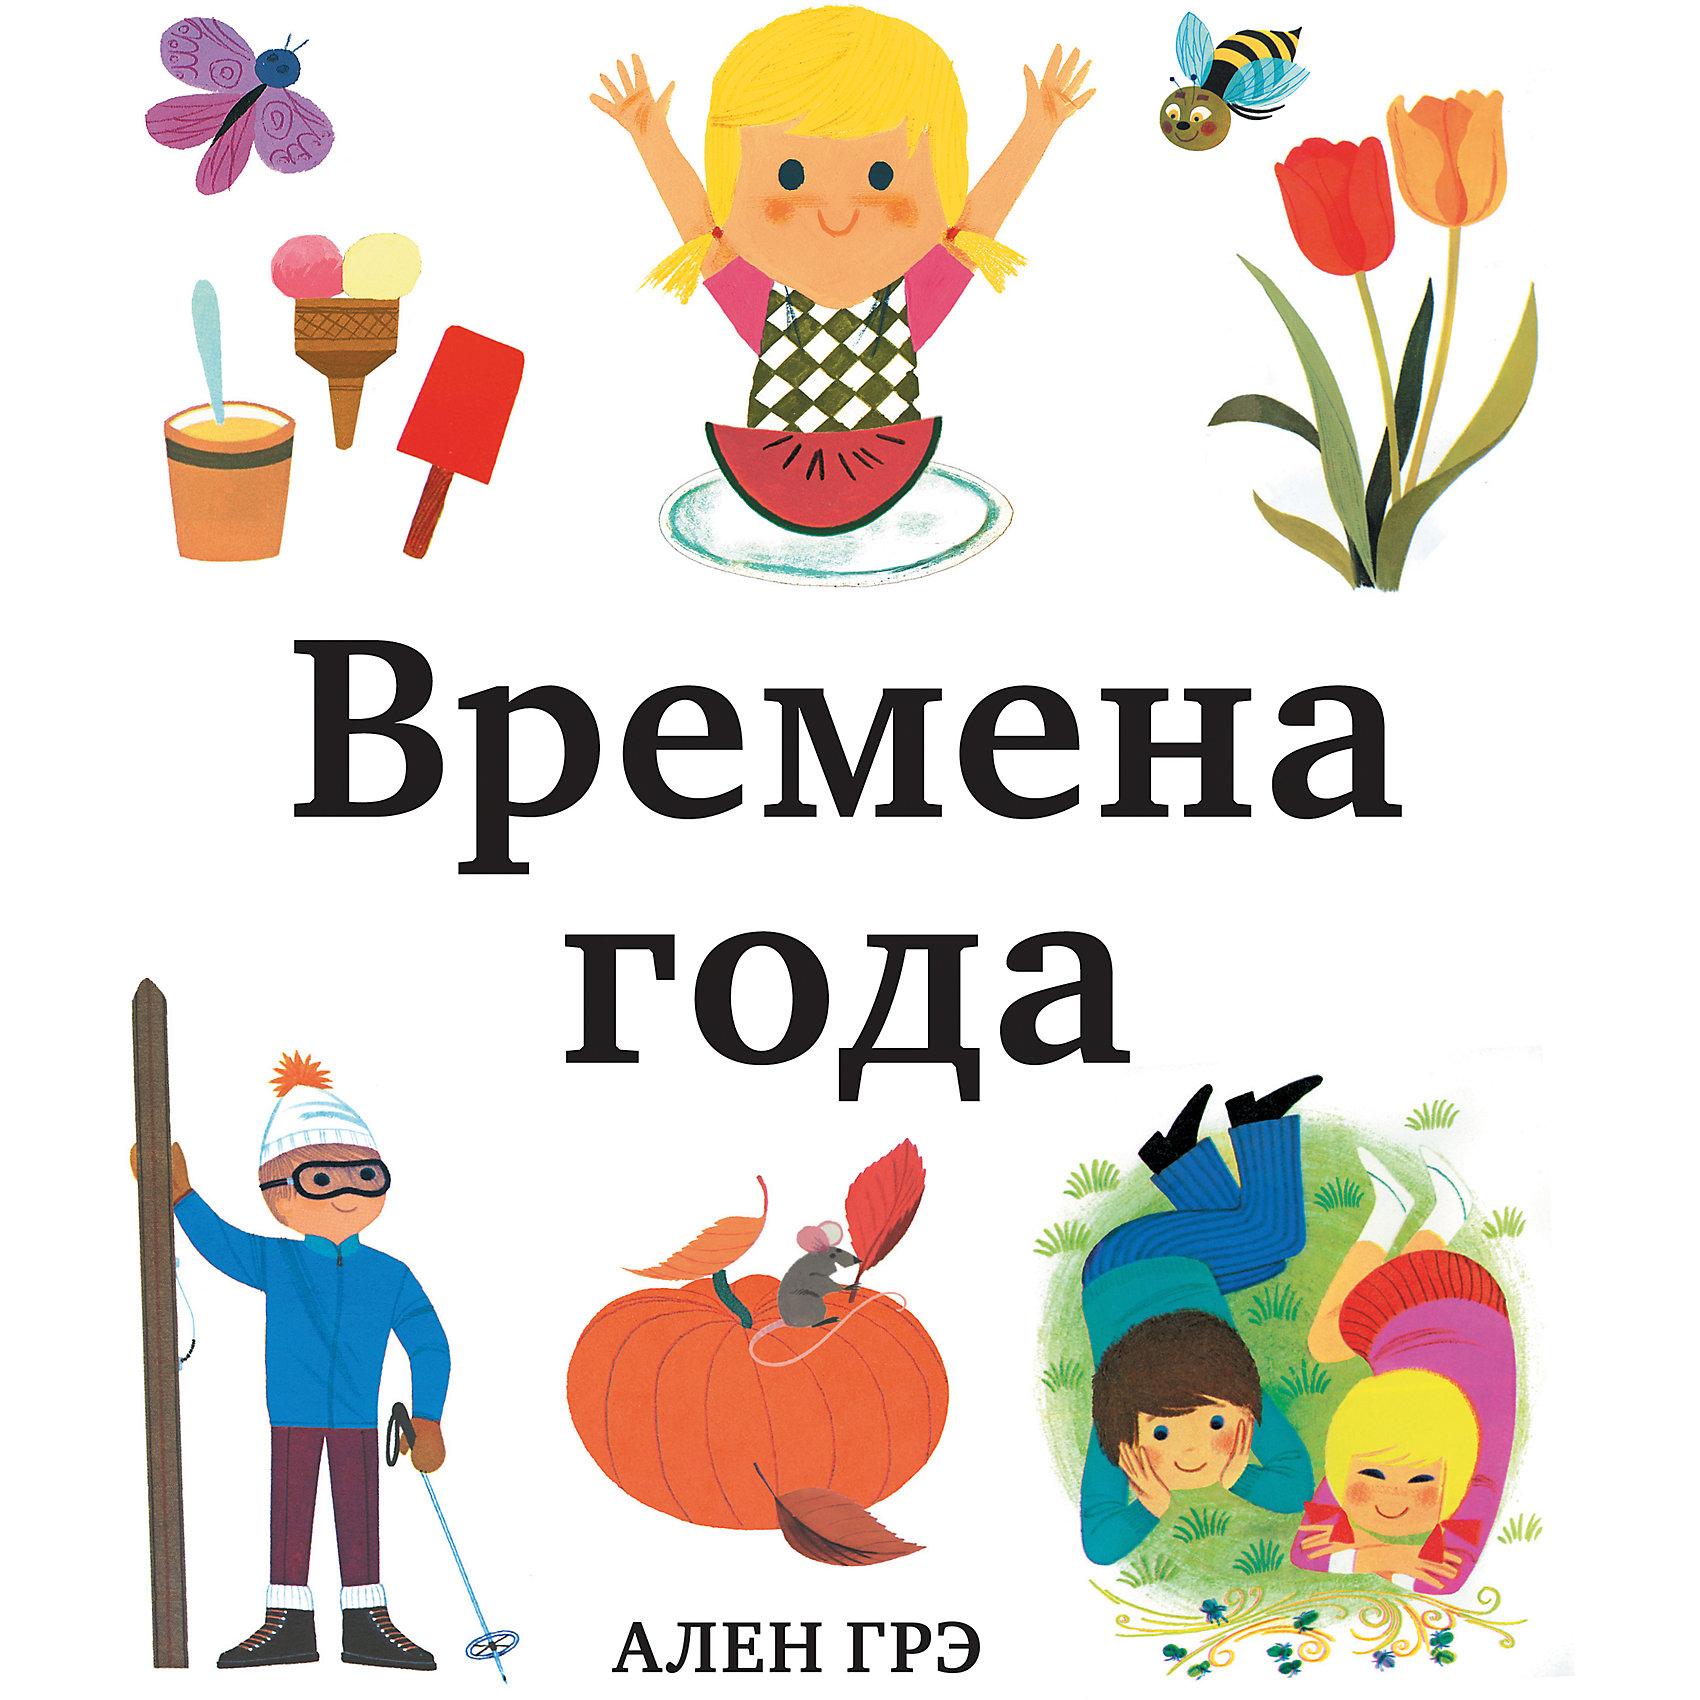 Времена годаРазвивающие книги<br>Красочная книга Времена года расскажет Вашему ребенку о четырех временах года, познакомит с окружающим миром и поможет расширить словарный запас. Каждый разворот книги посвящен определенному времени года и сопровождается яркими красочными картинками, которые малыш с интересом будет рассматривать, и короткими текстами. Когда ласточки улетают в теплые края? Когда на яблоне распускаются цветы? Когда листья на деревьях желтеют? Когда в гости приходит Дед Мороз? - на эти и другие вопросы Ваш ребенок найдет ответы вместе с героями книги. Автор книги Ален Грэ -  известный французский иллюстратор детских книг, его красочные иллюстрации давно завоевали популярность у детей во всем мире. <br><br>Дополнительная информация:<br><br>- Автор: Ален Грэ.<br>- Художник: Ален Грэ. <br>- Переплет: твердая обложка.<br>- Иллюстрации: цветные.<br>- Объем: 48 стр. <br>- Размер: 25,2 x 22,2 x 1,1 см.<br>- Вес: 0,428 кг. <br><br>Книгу Времена года, Манн, Иванов и Фербер, можно купить в нашем интернет-магазине.<br><br>Ширина мм: 252<br>Глубина мм: 222<br>Высота мм: 11<br>Вес г: 432<br>Возраст от месяцев: 36<br>Возраст до месяцев: 72<br>Пол: Унисекс<br>Возраст: Детский<br>SKU: 4414893